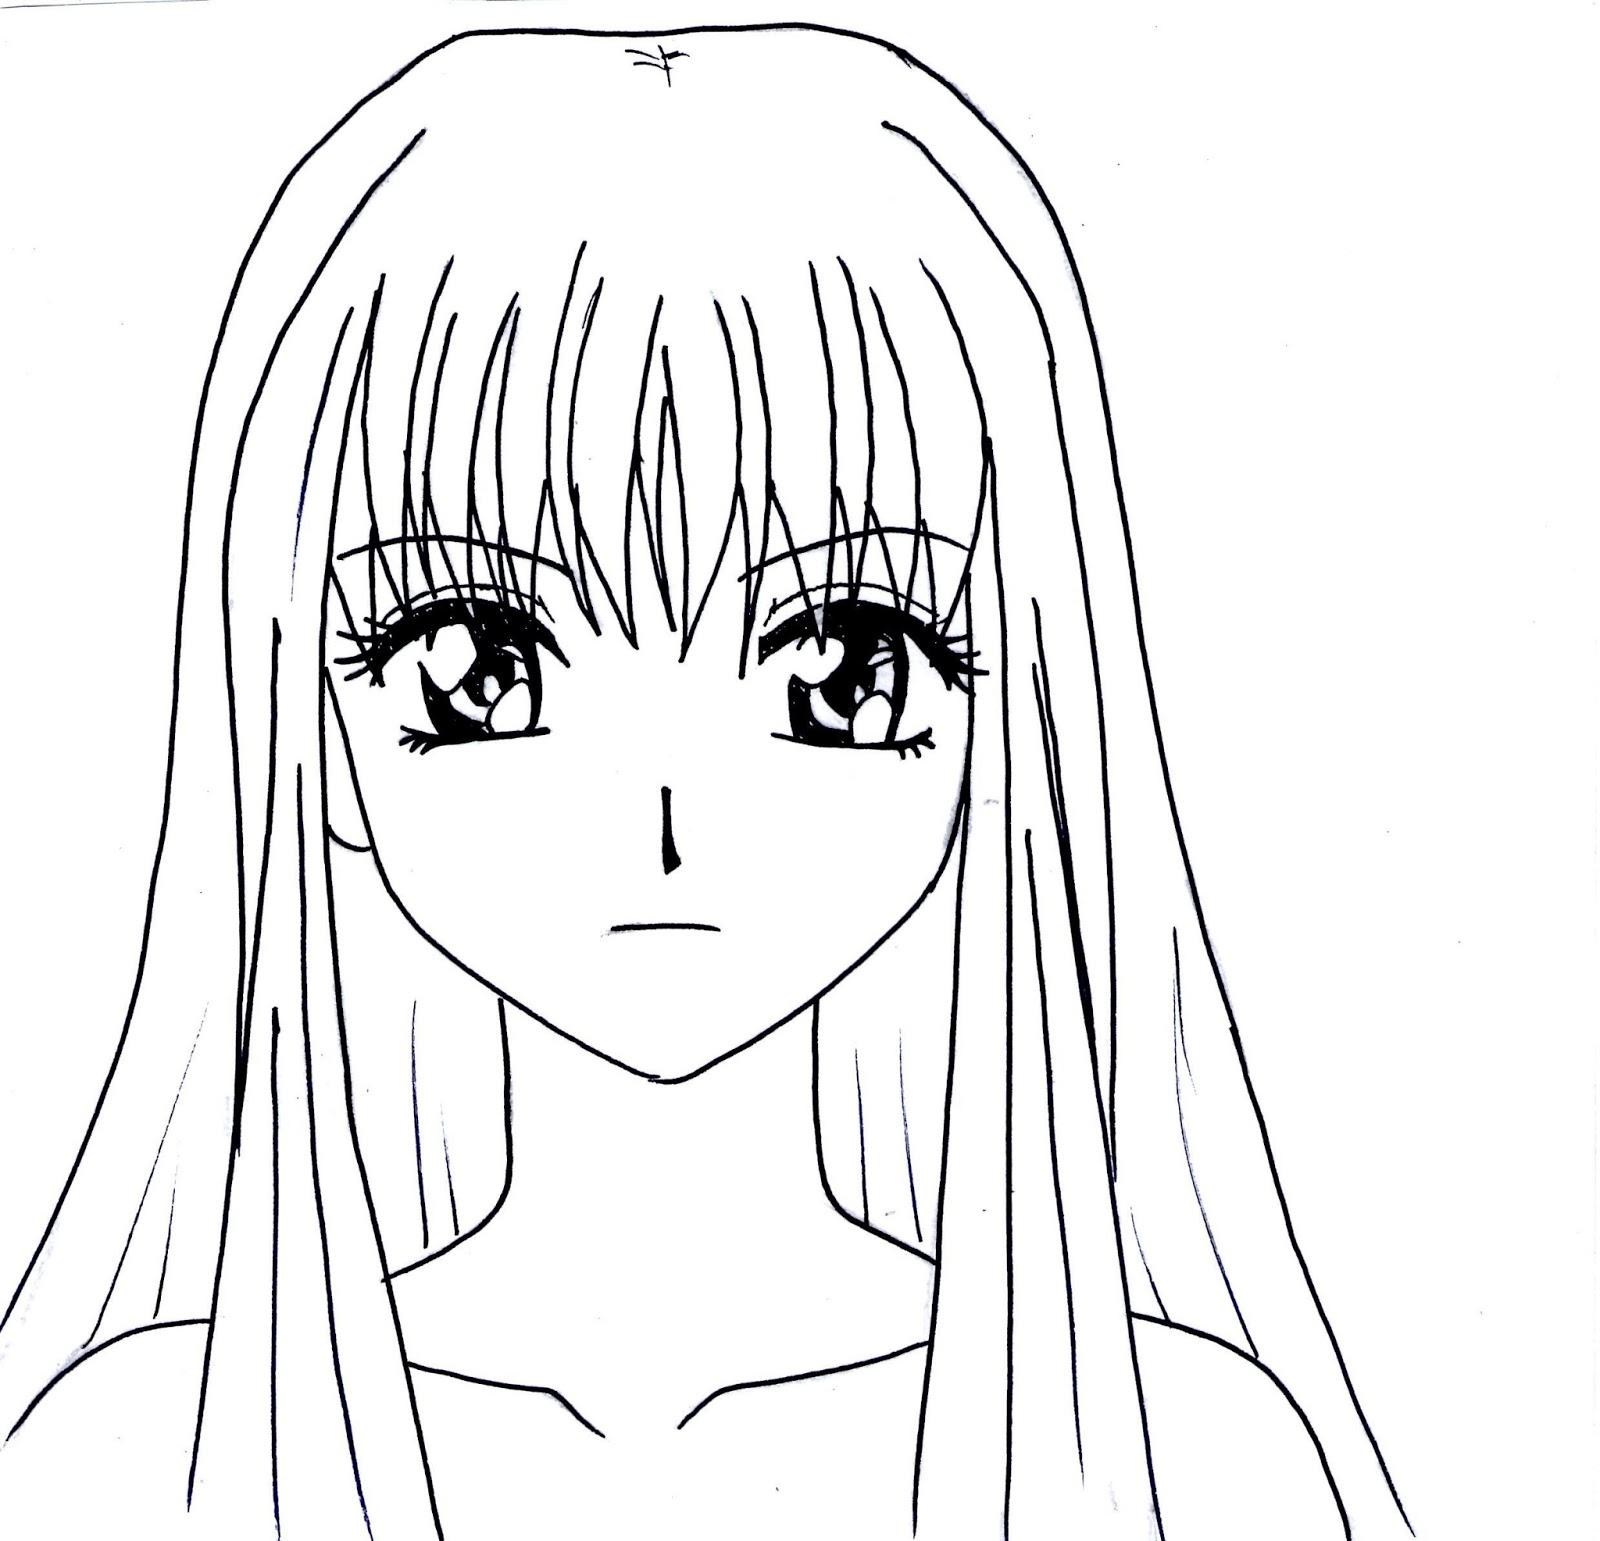 Immagini manga da colorare